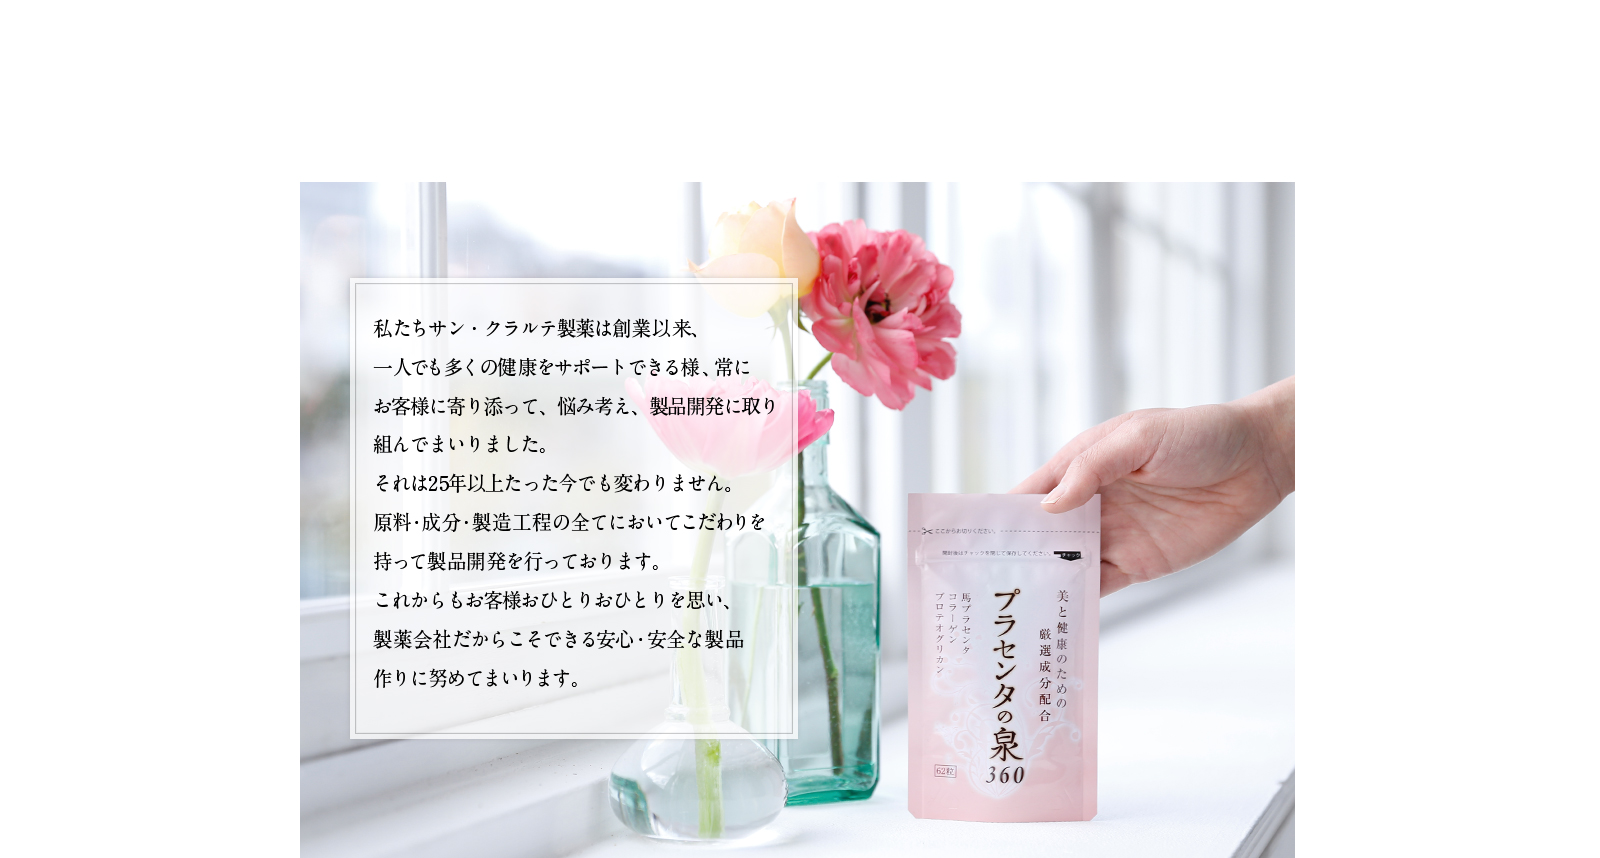 プラセンタサプリ販売用ランディングページ(LP)デザイン・制作事例30